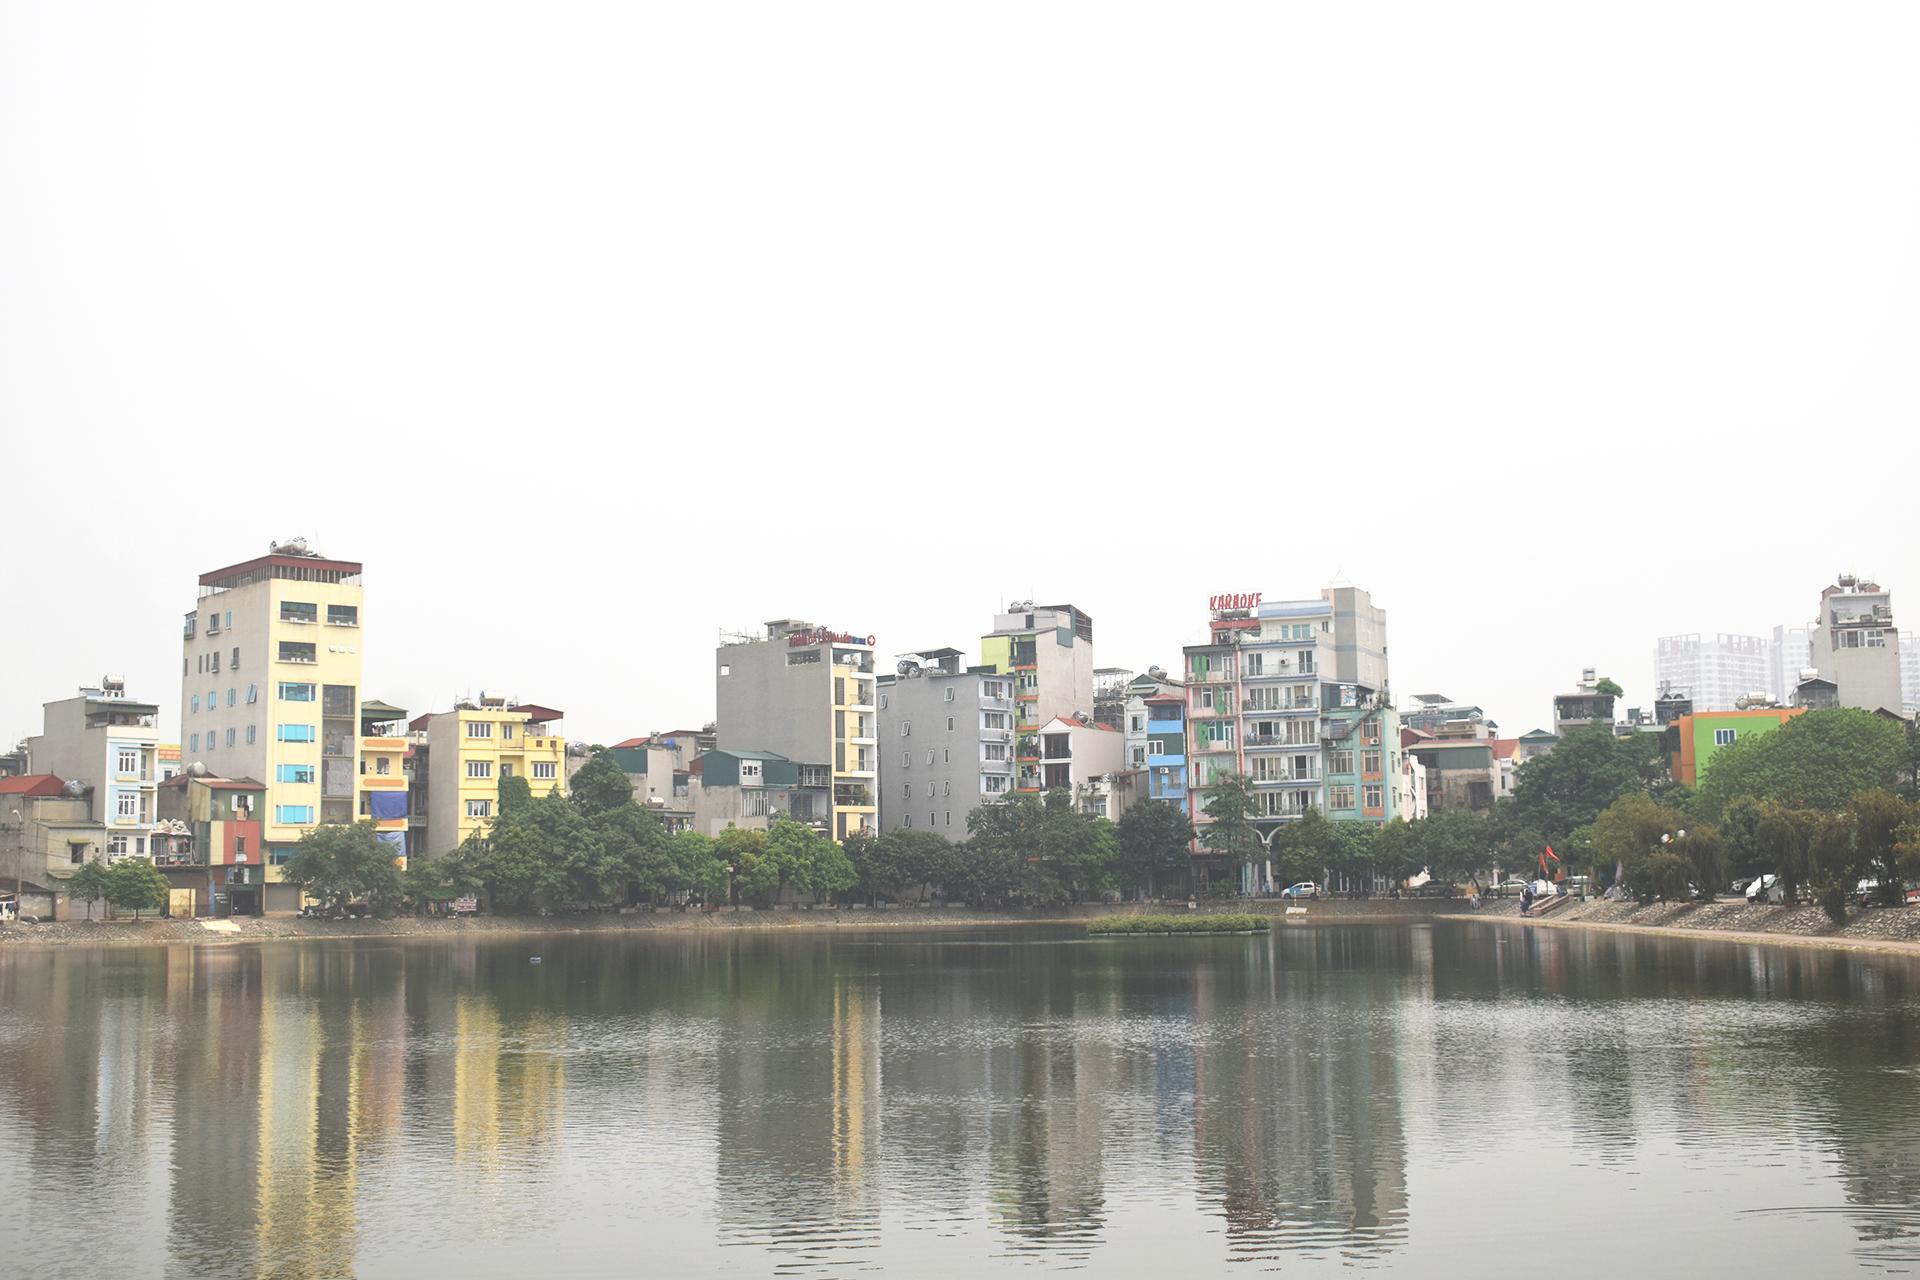 Hai khu đất dính quy hoạch ở phường Phương Liệt, Thanh Xuân, Hà Nội - Ảnh 8.